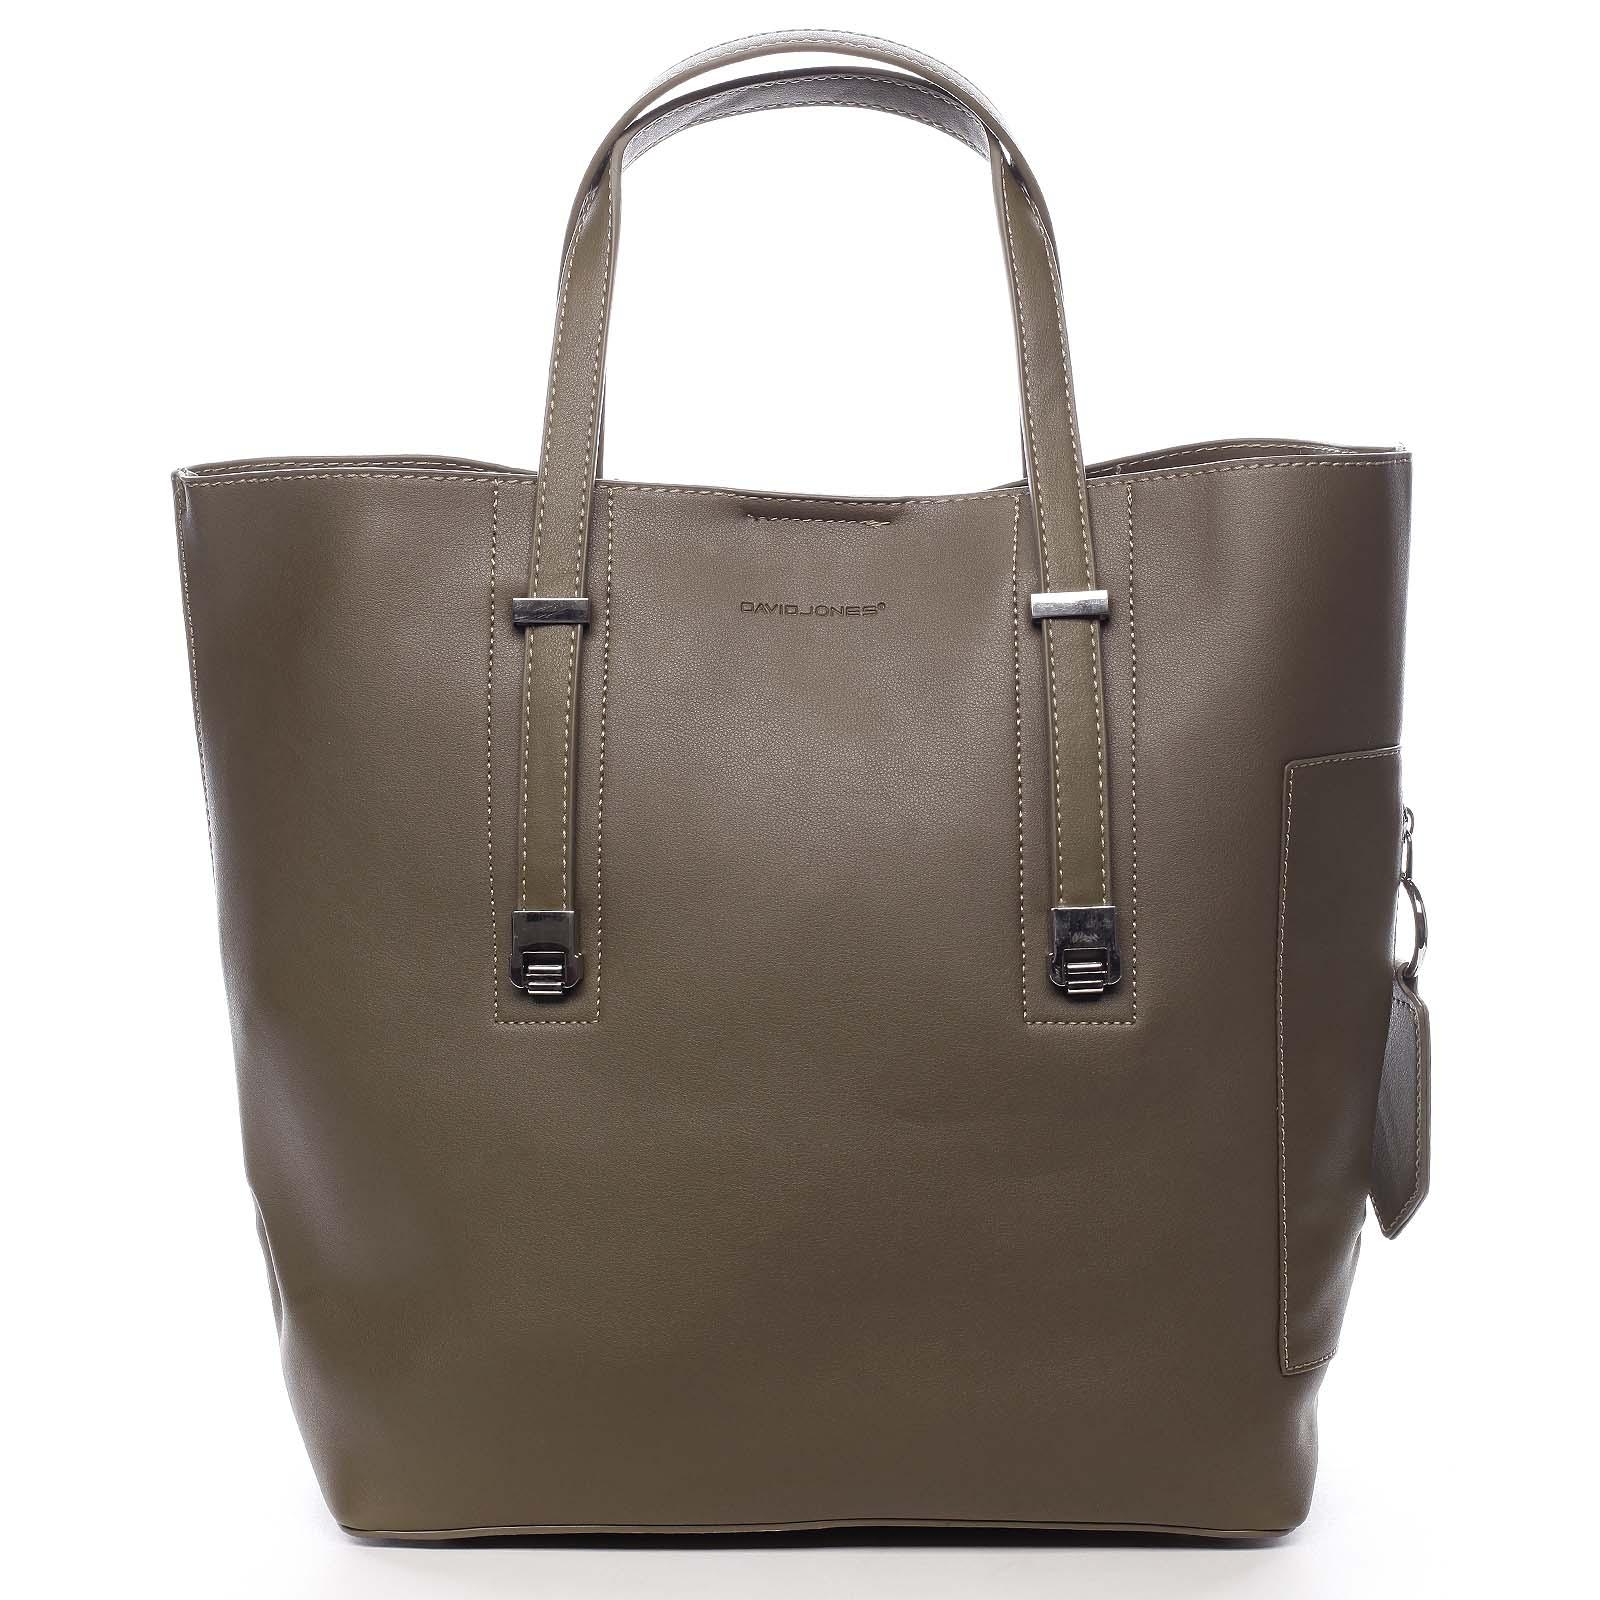 Veľká dámska kabelka do ruky khaki - David Jones Bruises Khaki